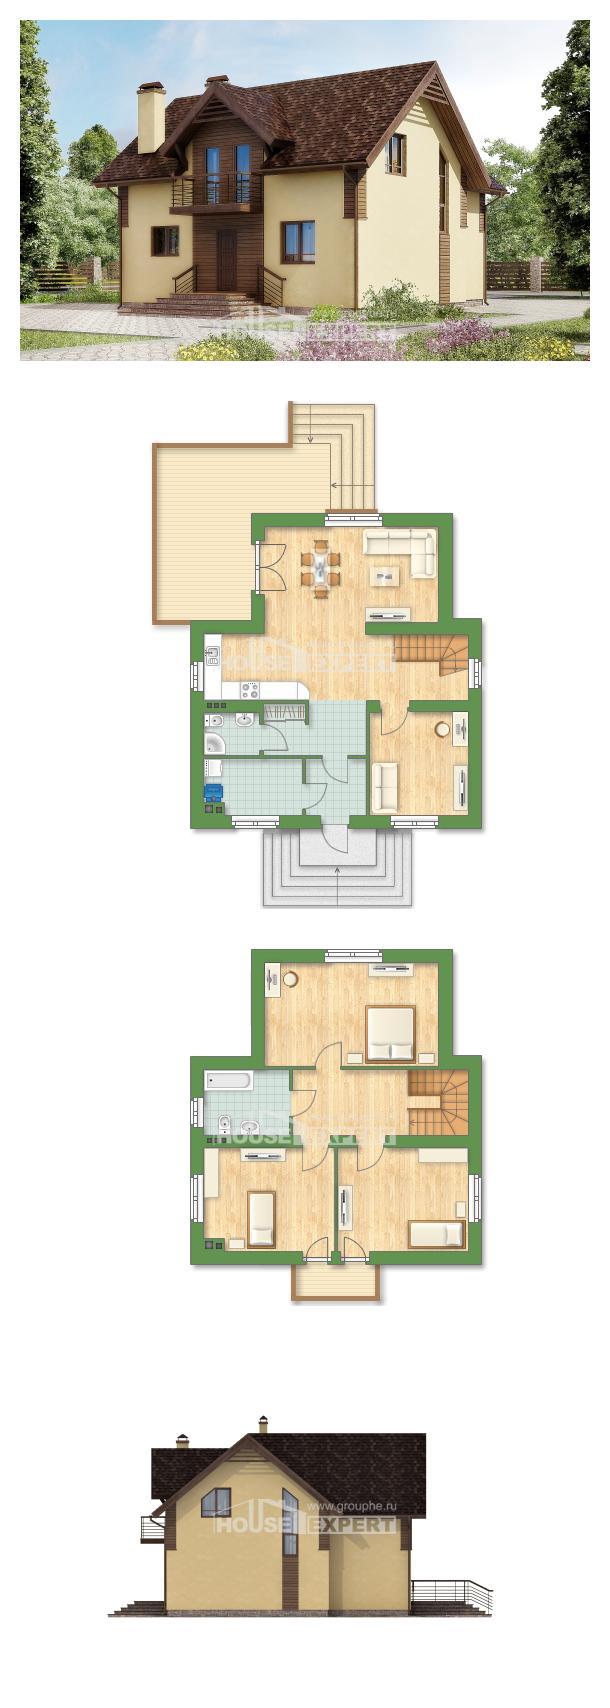 Plan 150-009-L | House Expert